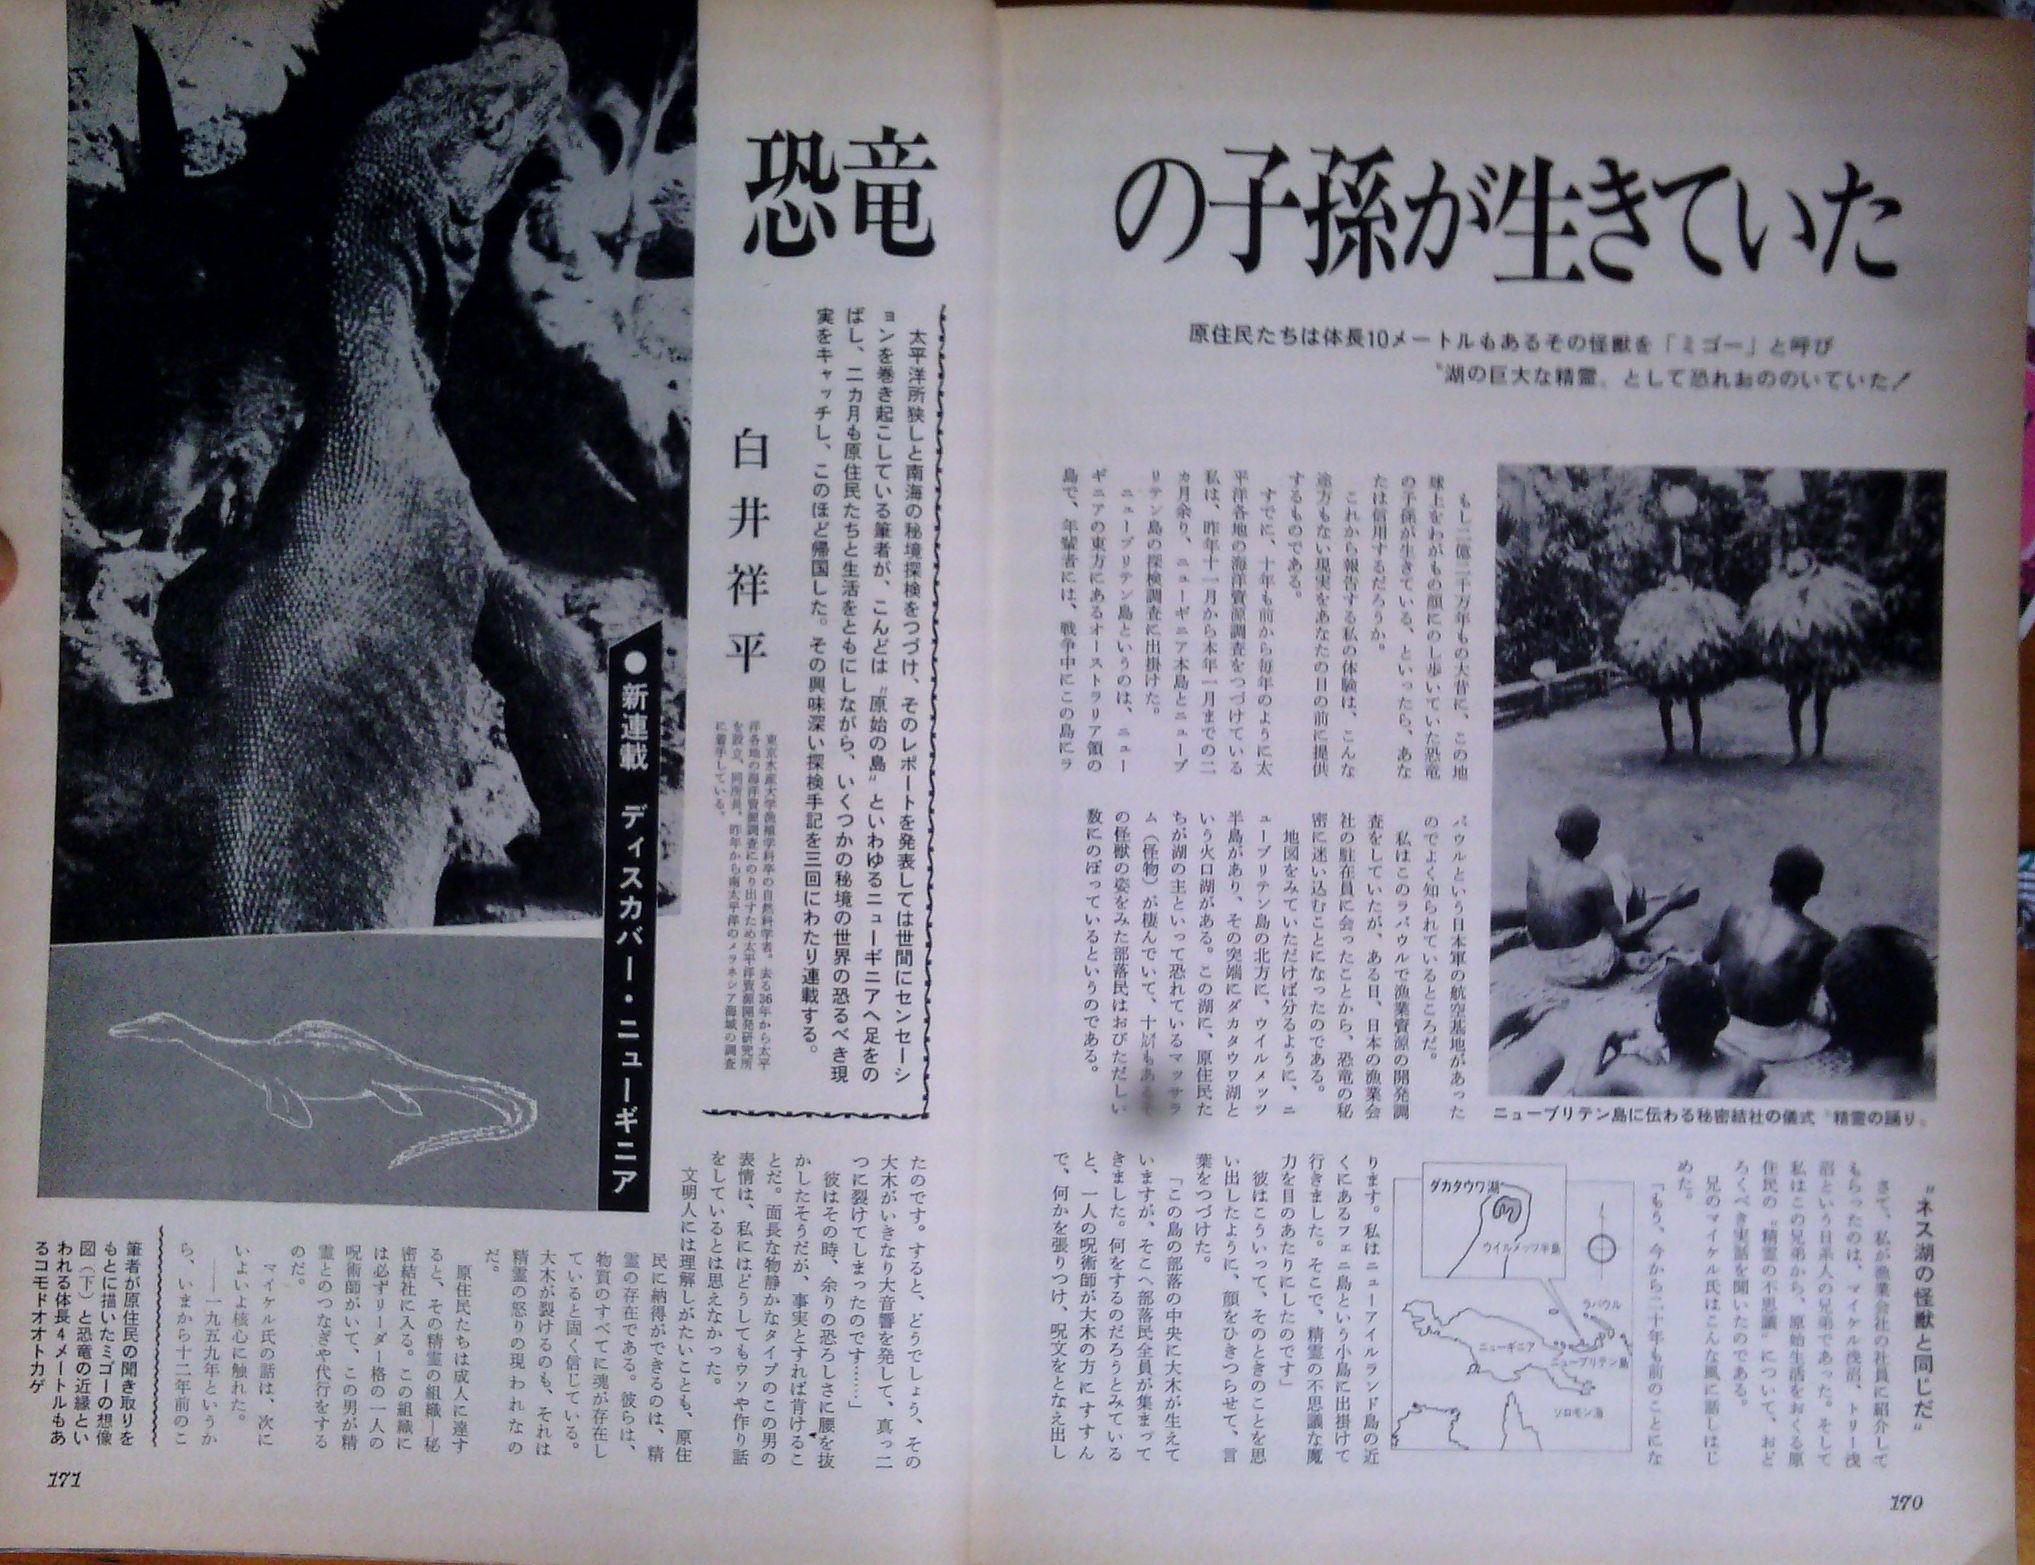 0327  ダイビングの歴史 59 海の世界 1972-04_b0075059_15272788.jpg